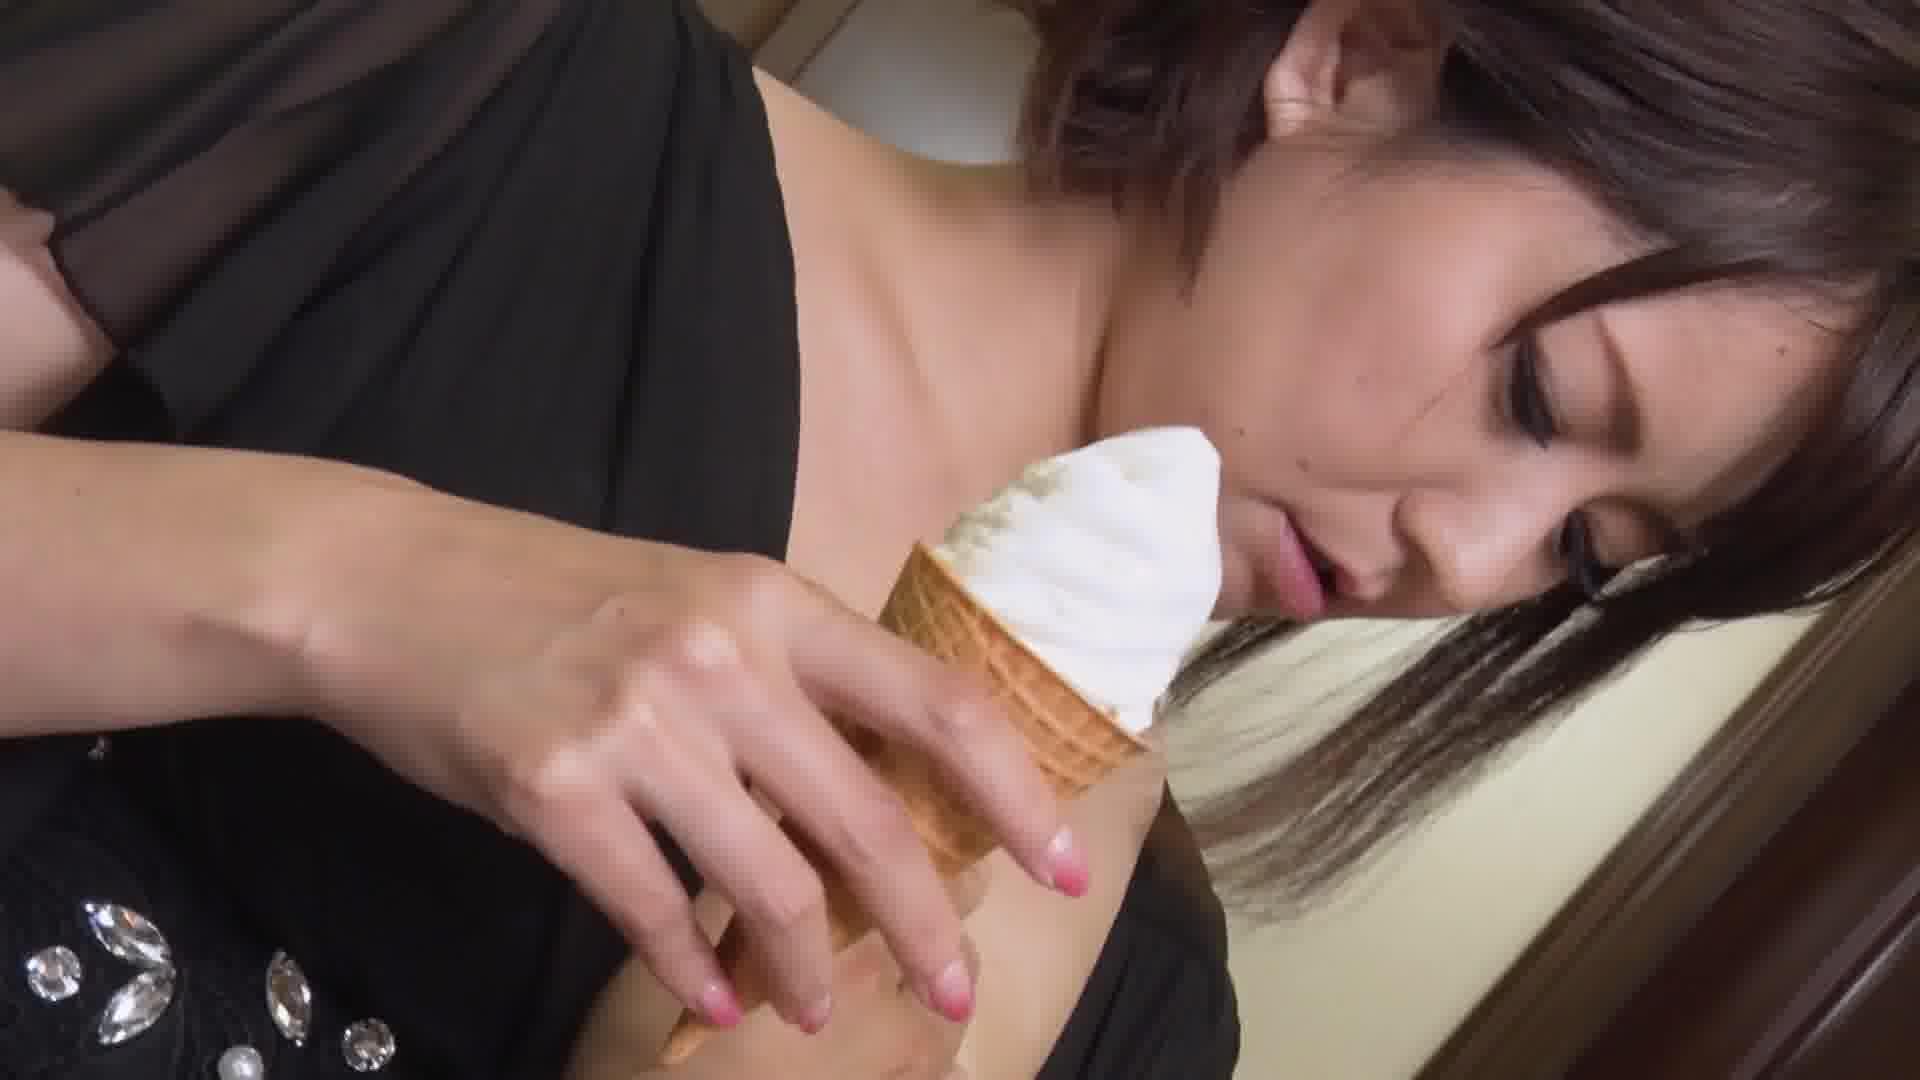 アイスクリームを舐めるように、あなたの全てを溶かしてあげる - 美咲マヤ【痴女・巨乳・中出し】